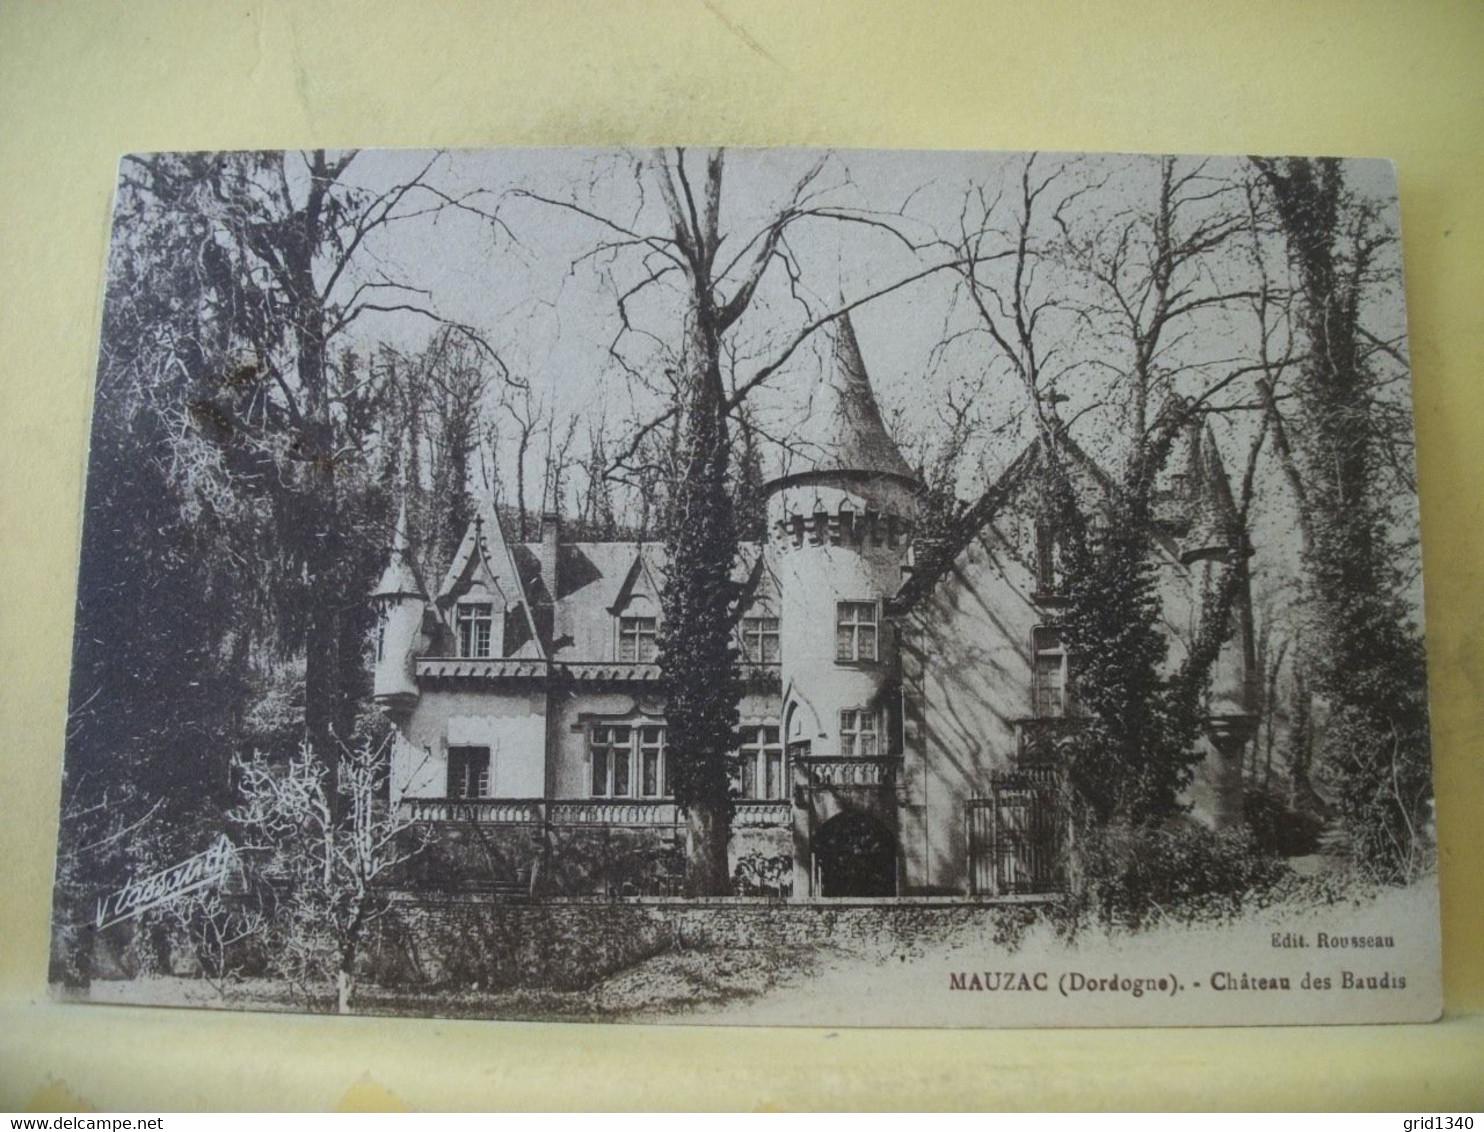 24 4375 LOT DE 9 CPA DIFFERENTES SUR LE CHATEAU DES BAUDIES A MAUZAC-ST-MAYME EN DORDOGNE - Castles